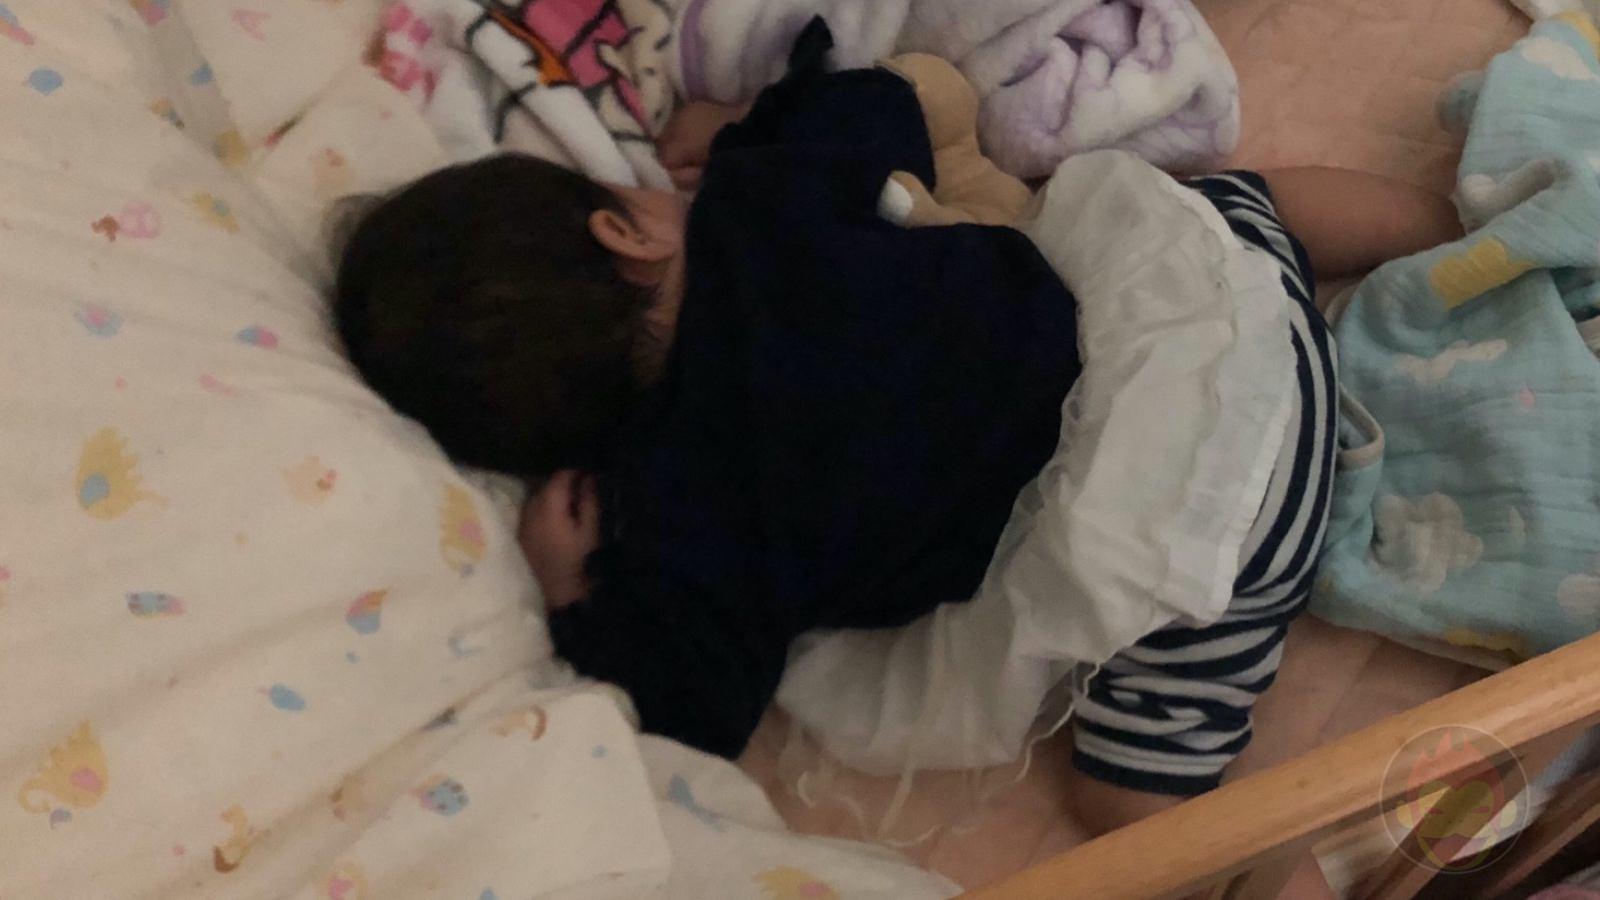 Angel is asleep very strangely